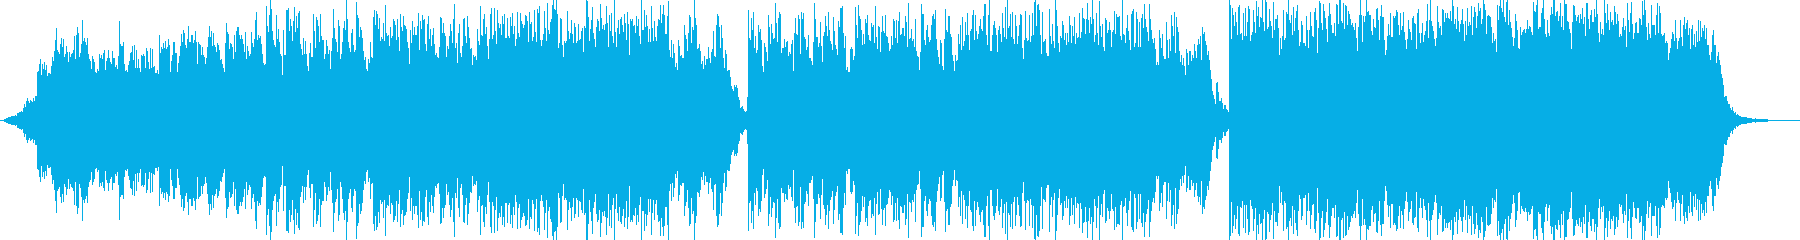 ギターと電子ピアノのしっとりバラードの再生済みの波形